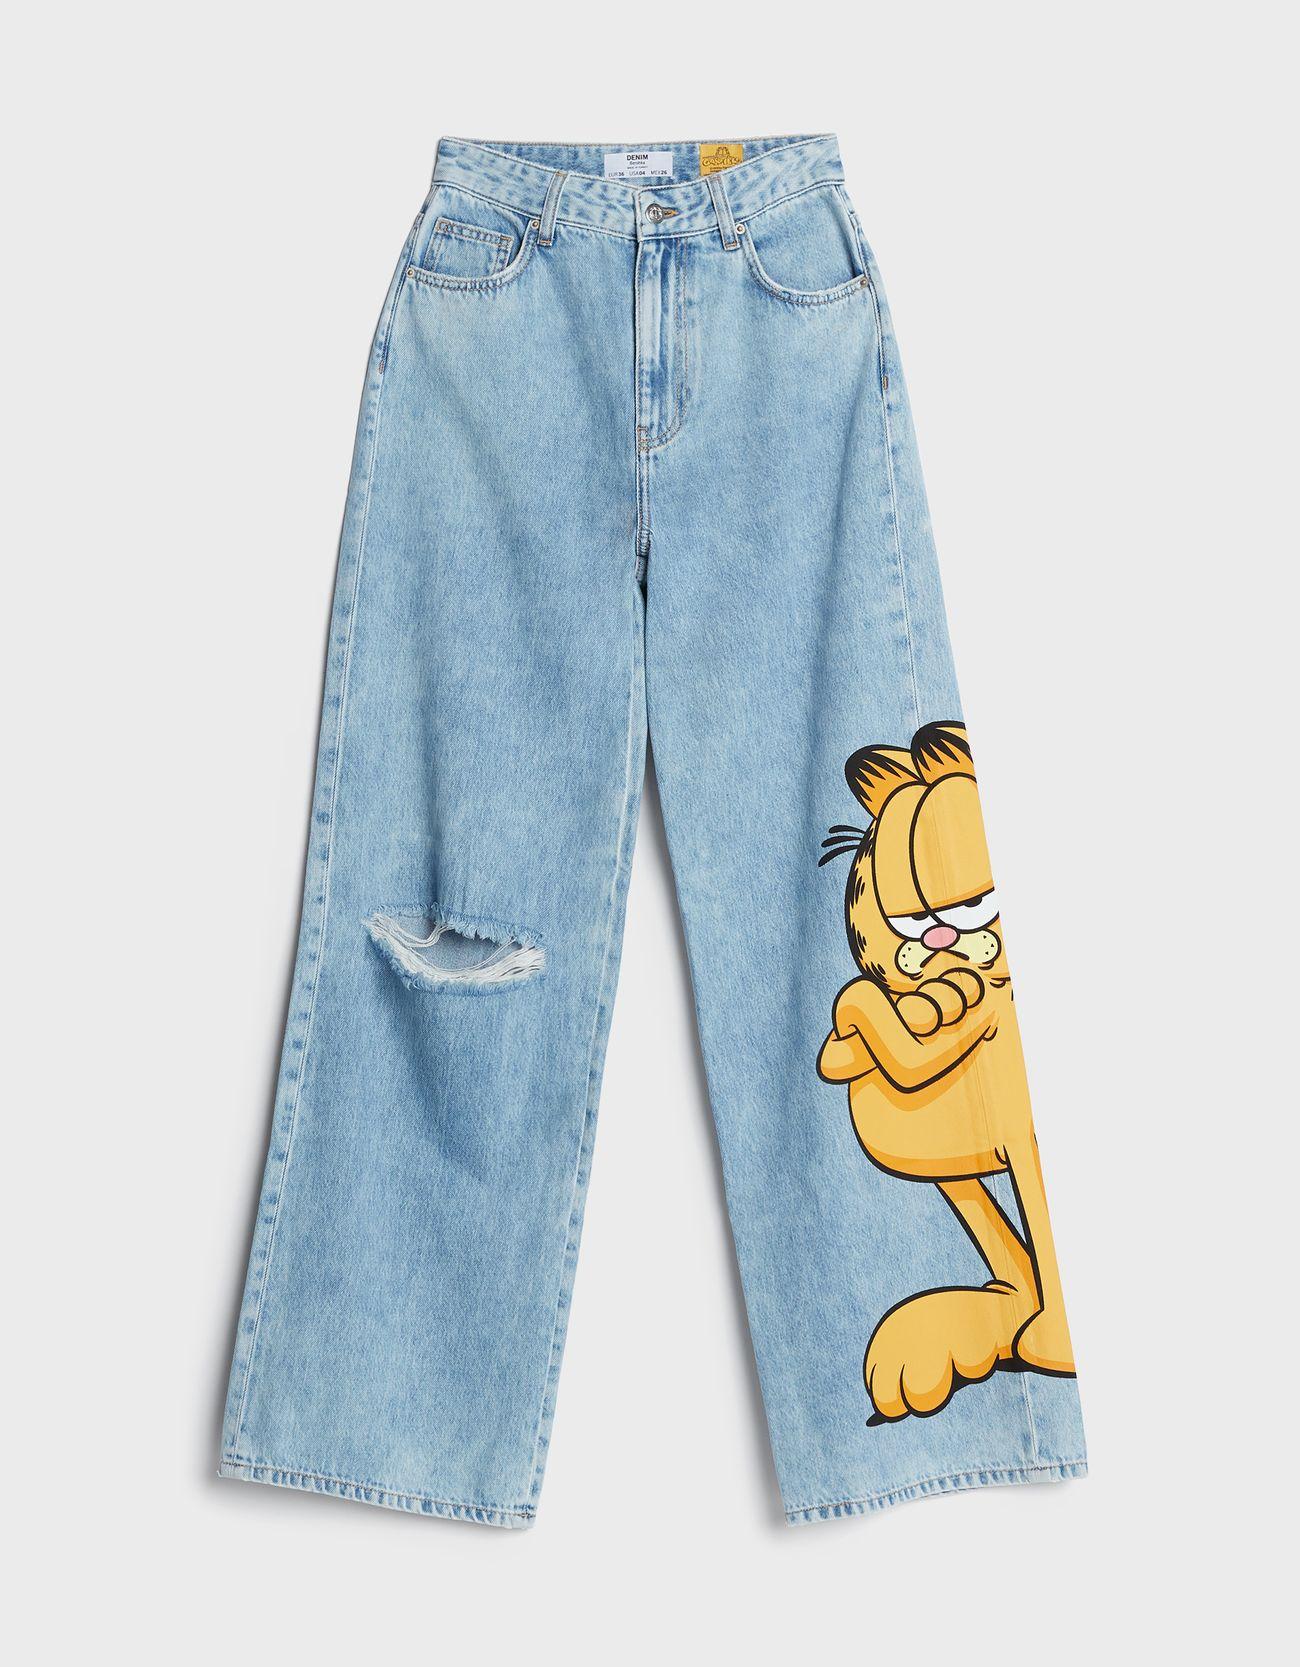 Jeans acampanados con Garfield en una de las perneras.